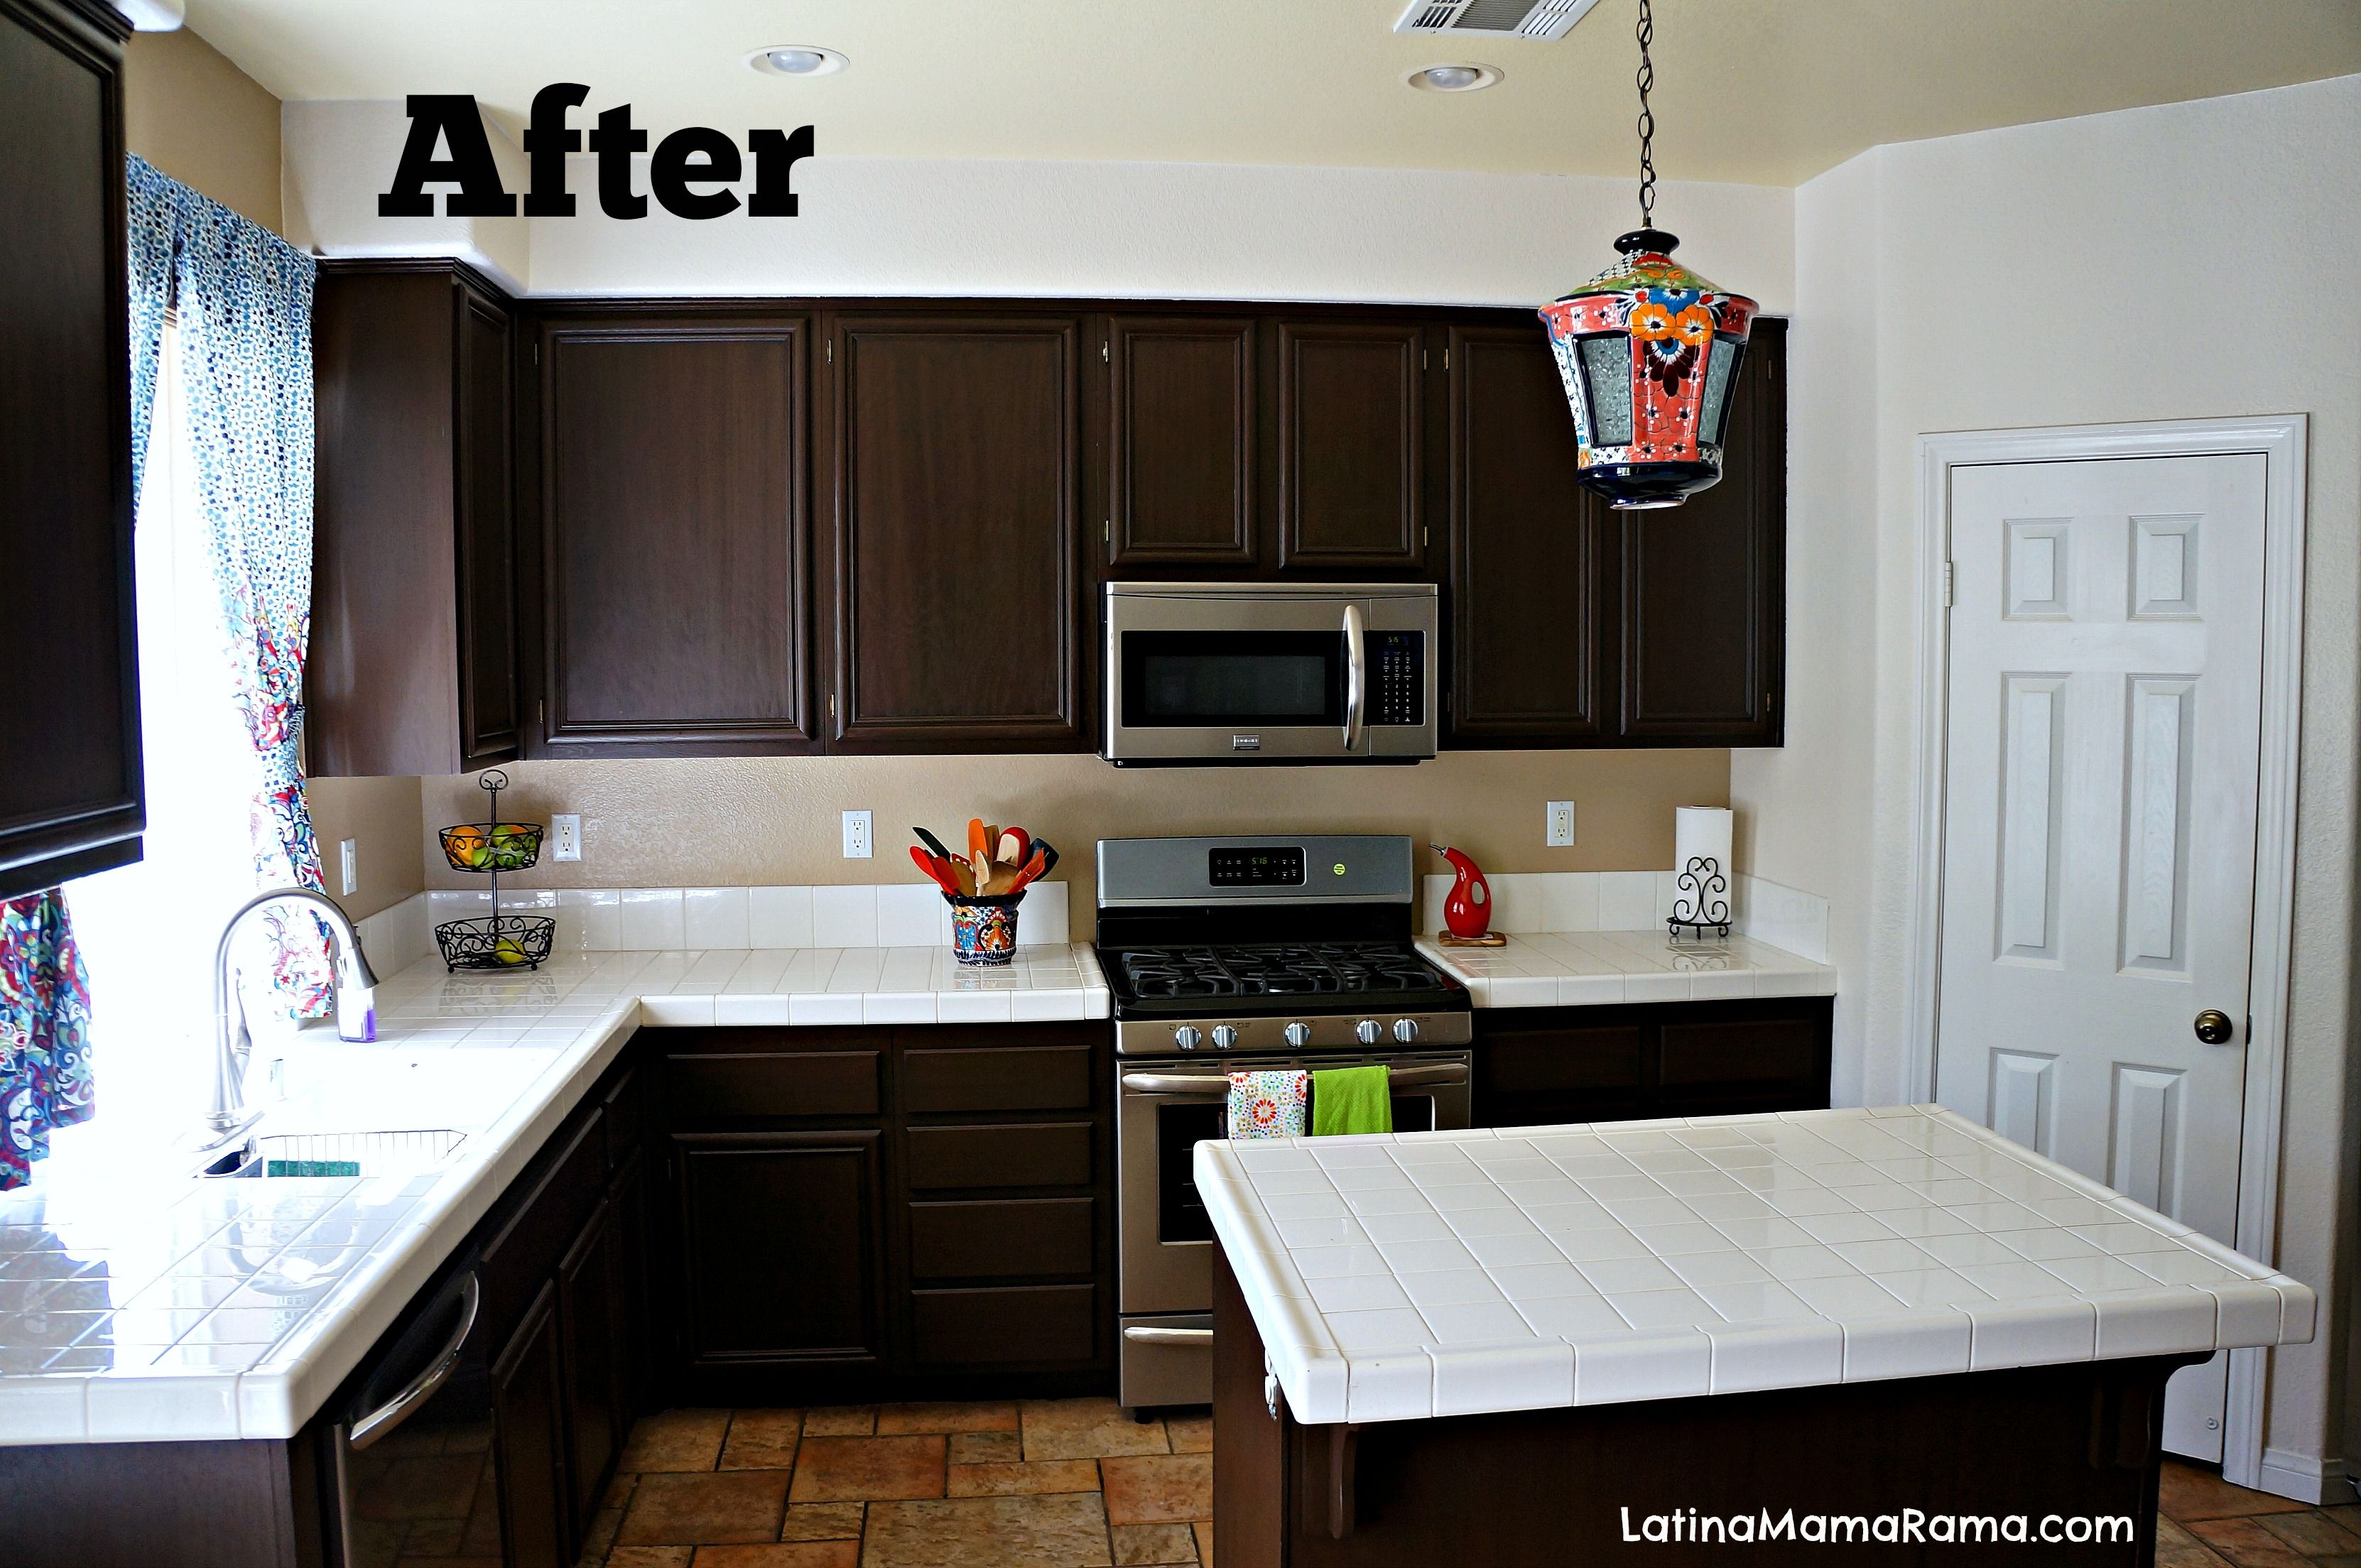 DIY-Kitchen-after-rustoleum.jpg 3,324×2,208 pixels | Kitchen idea ...